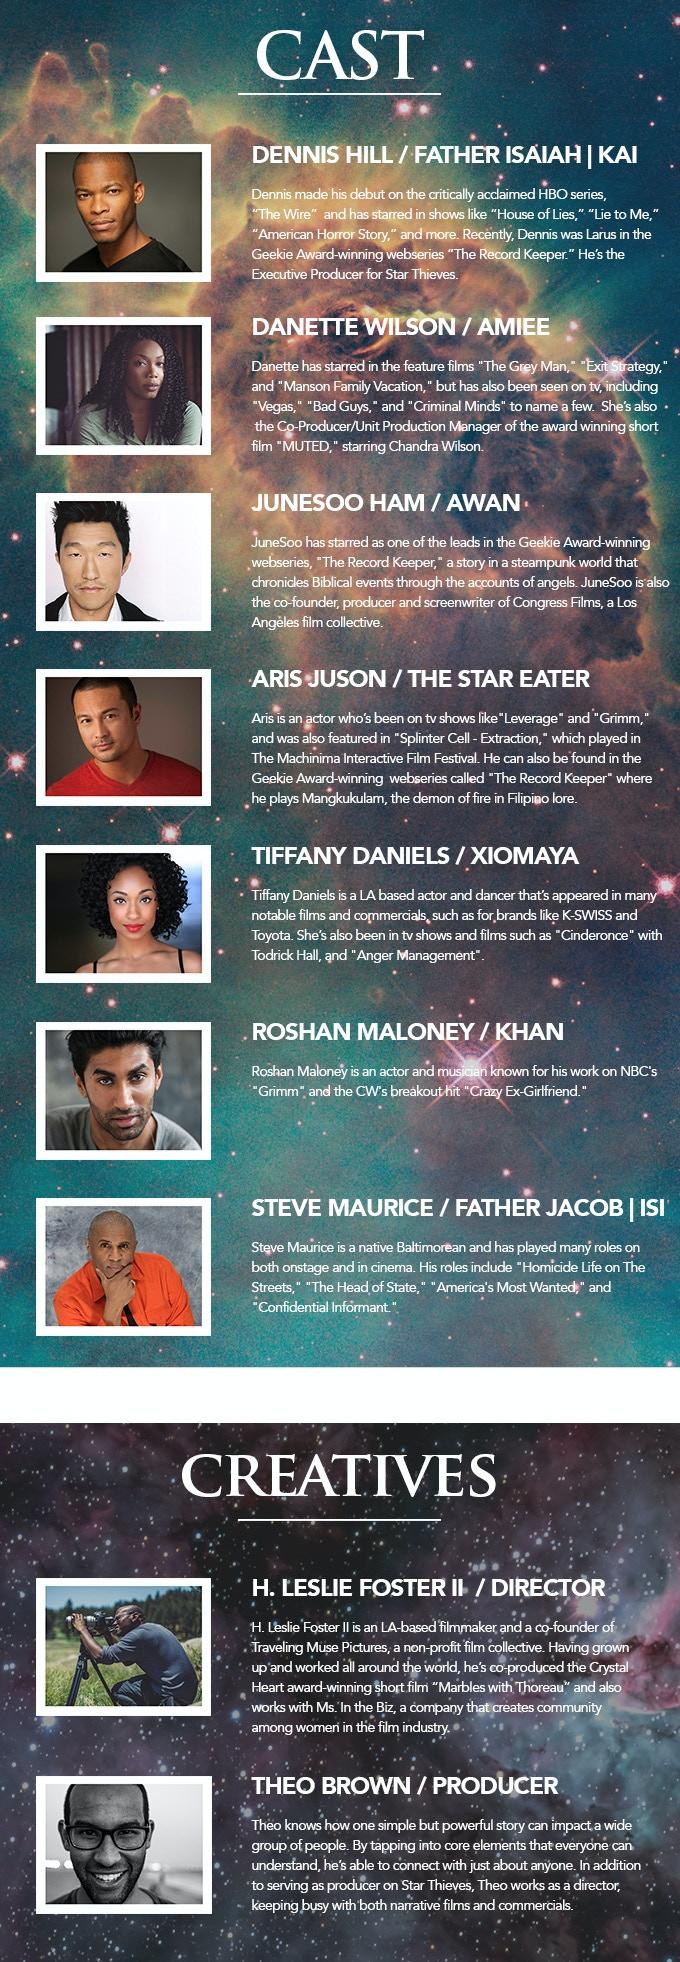 like stars on earth movie cast